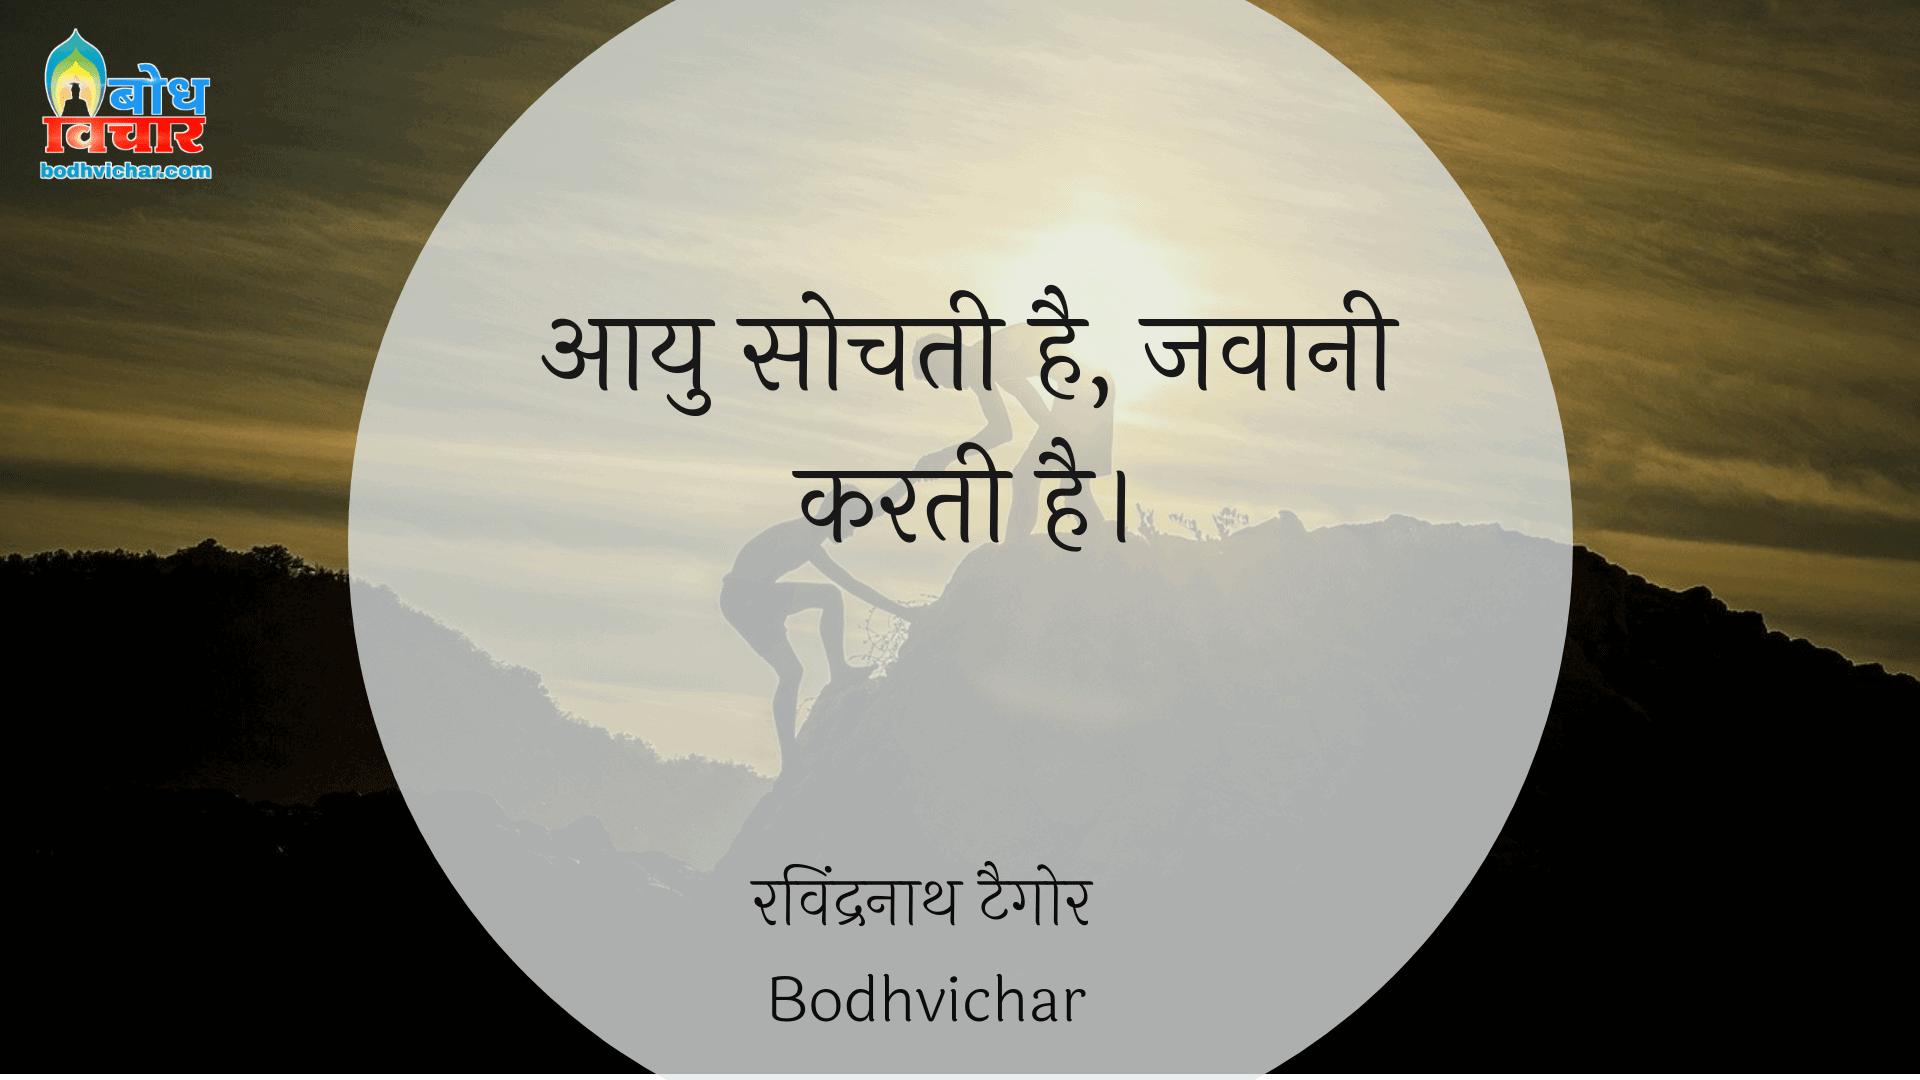 आयु सोचती है, जवानी करती है। : Aayu sochti hai, jawani karti hai. - रवीन्द्रनाथ टैगोर